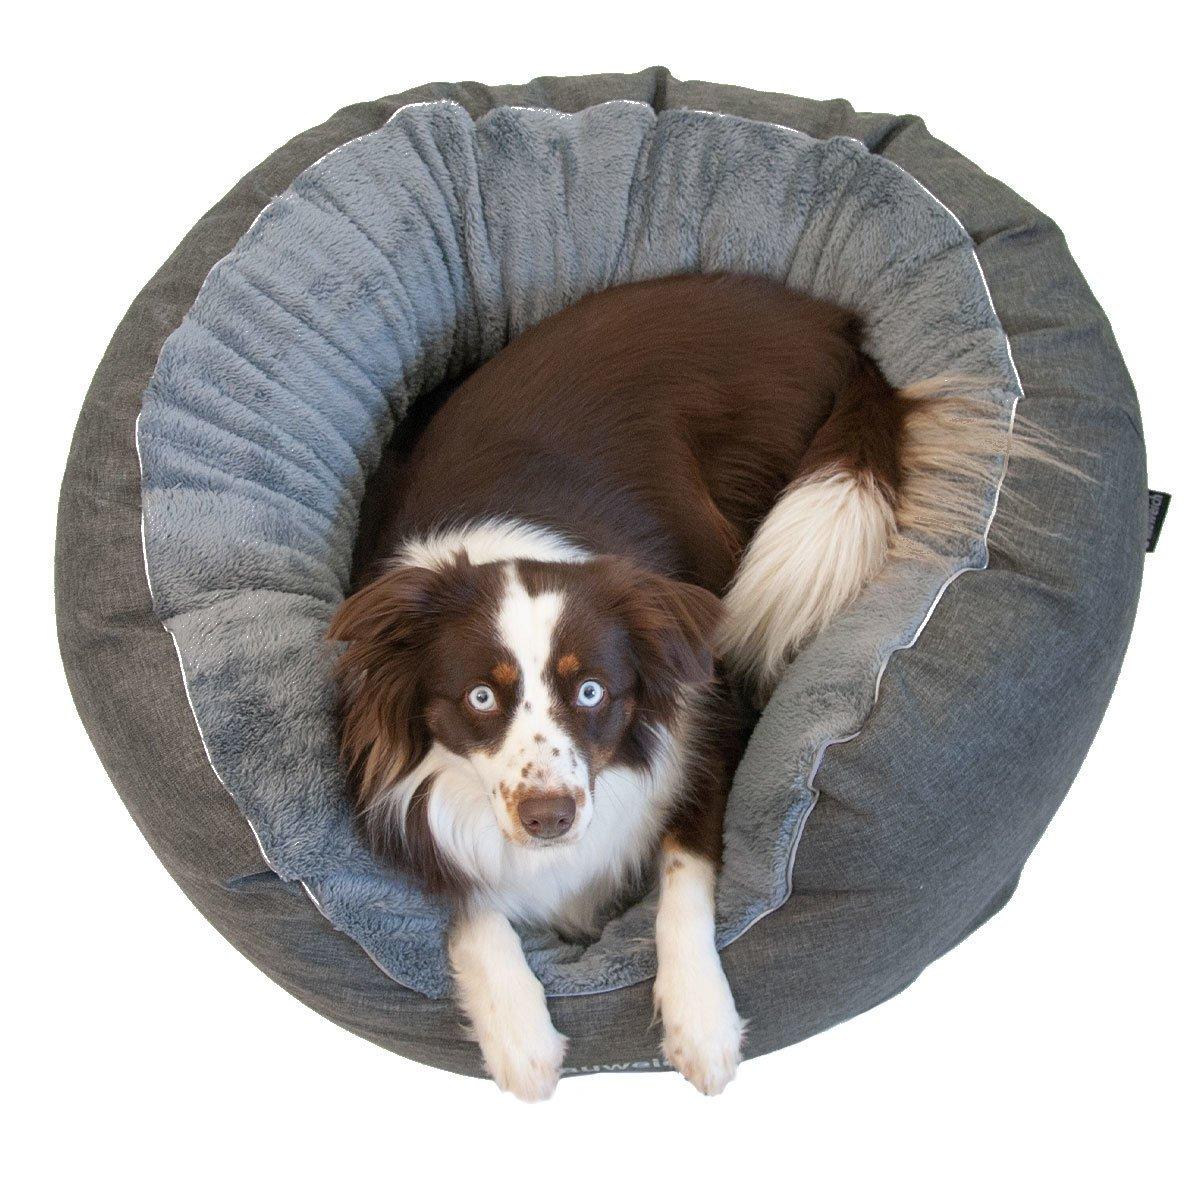 Das Beruhigende - Hundebett mit Plüsch Bild 2